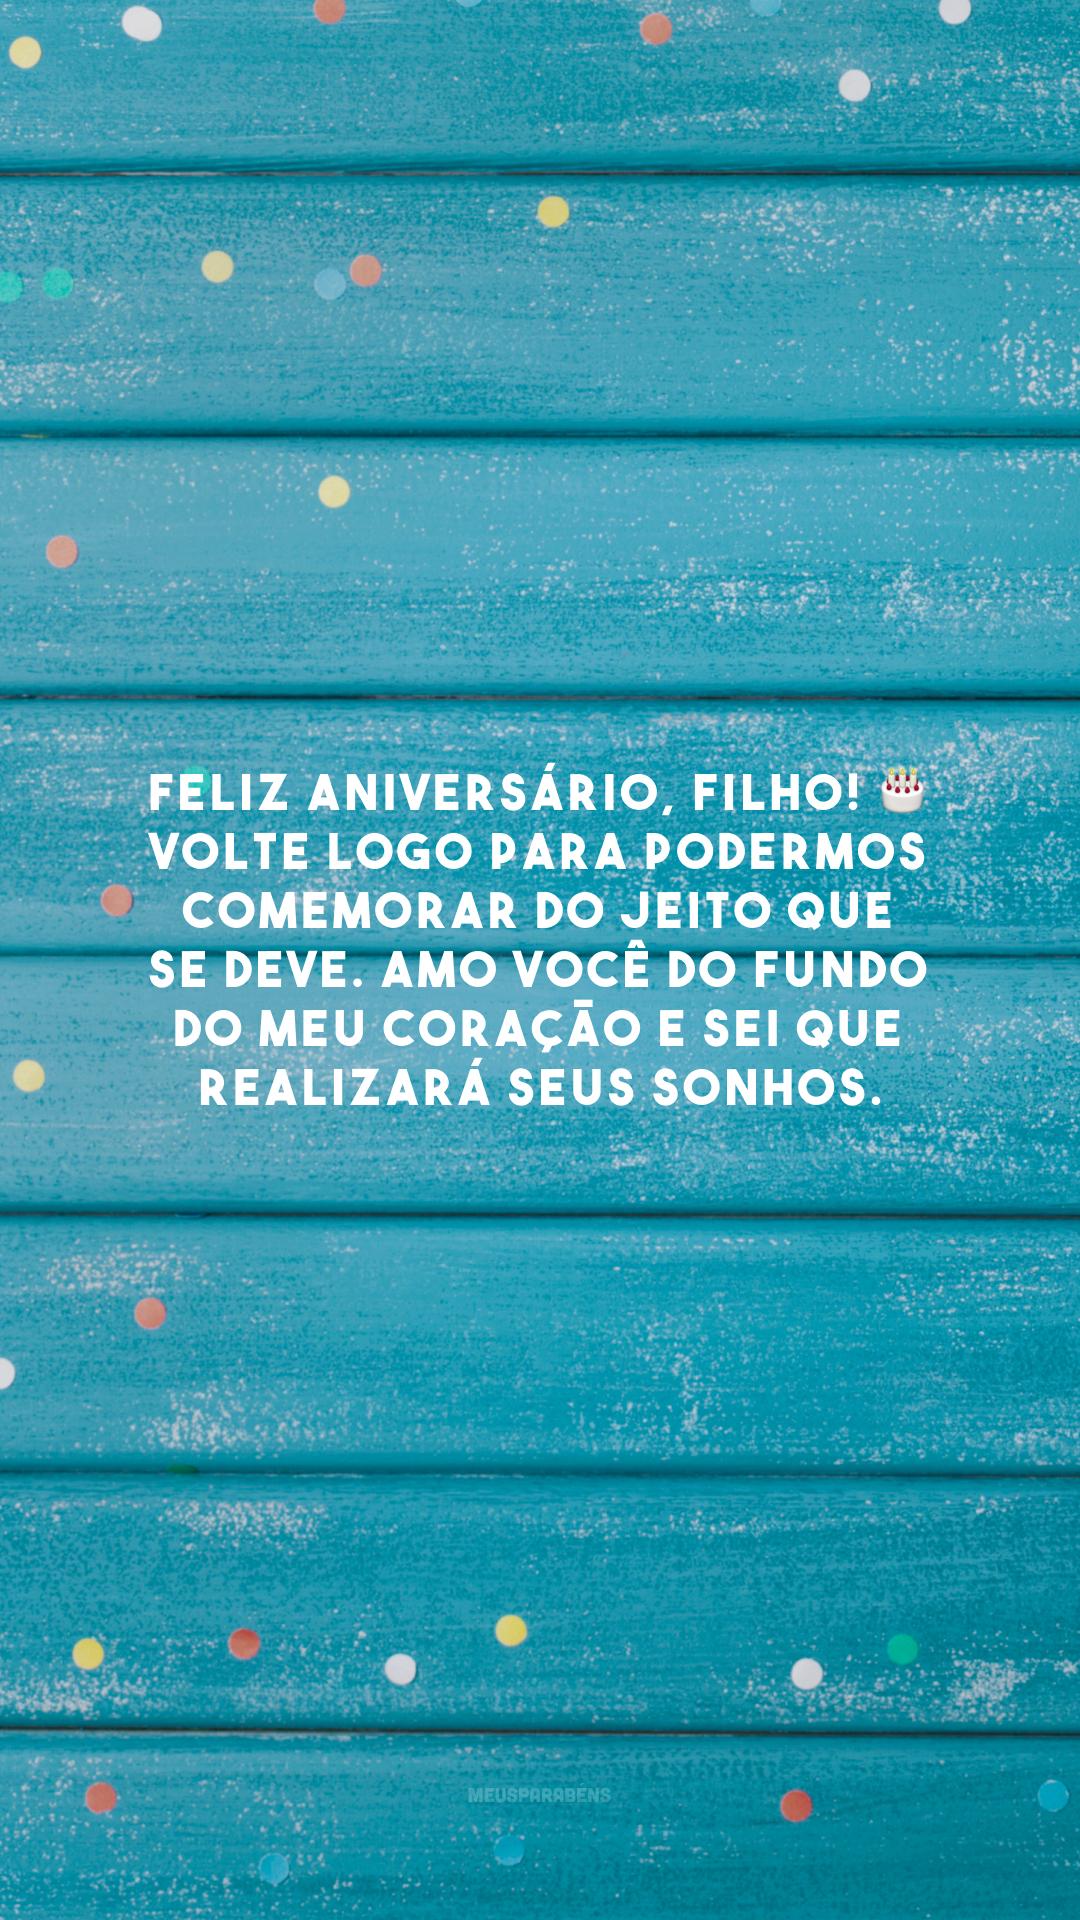 Feliz aniversário, filho! 🎂 Volte logo para podermos comemorar do jeito que se deve. Amo você do fundo do meu coração e sei que realizará seus sonhos.